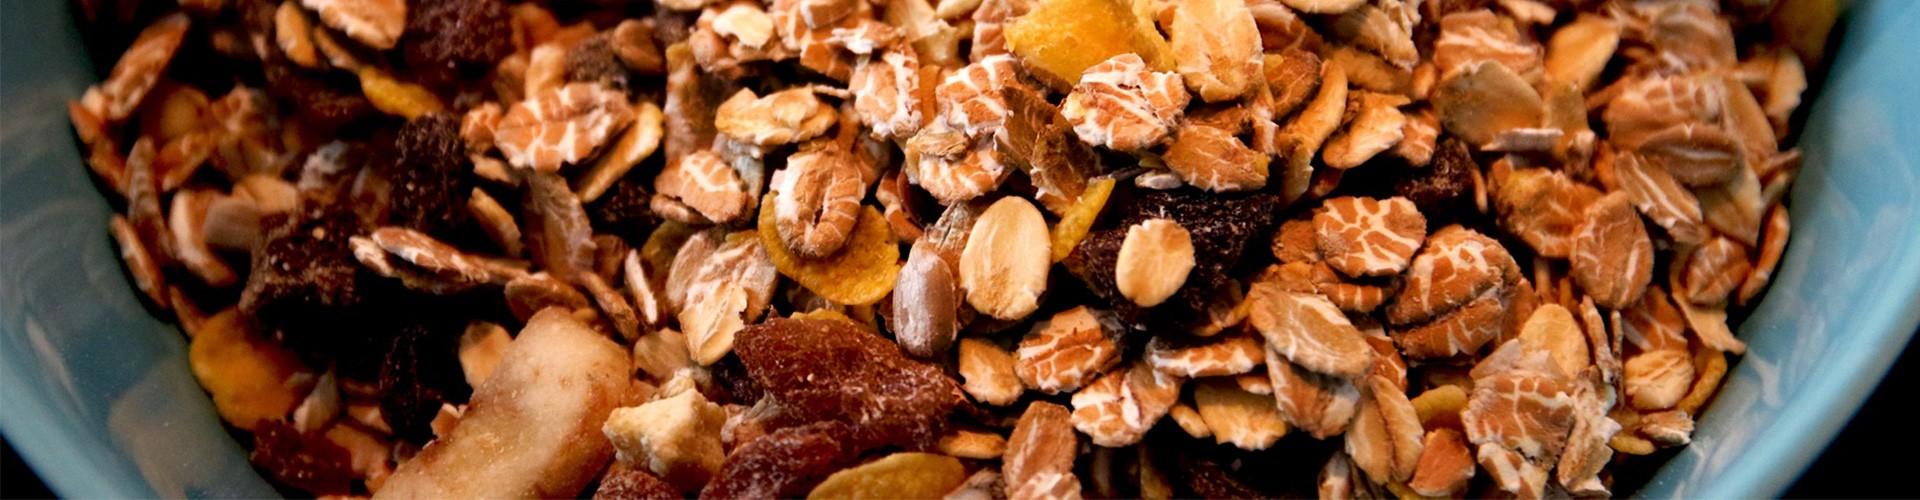 Pahuljice i ekspandirana zrna